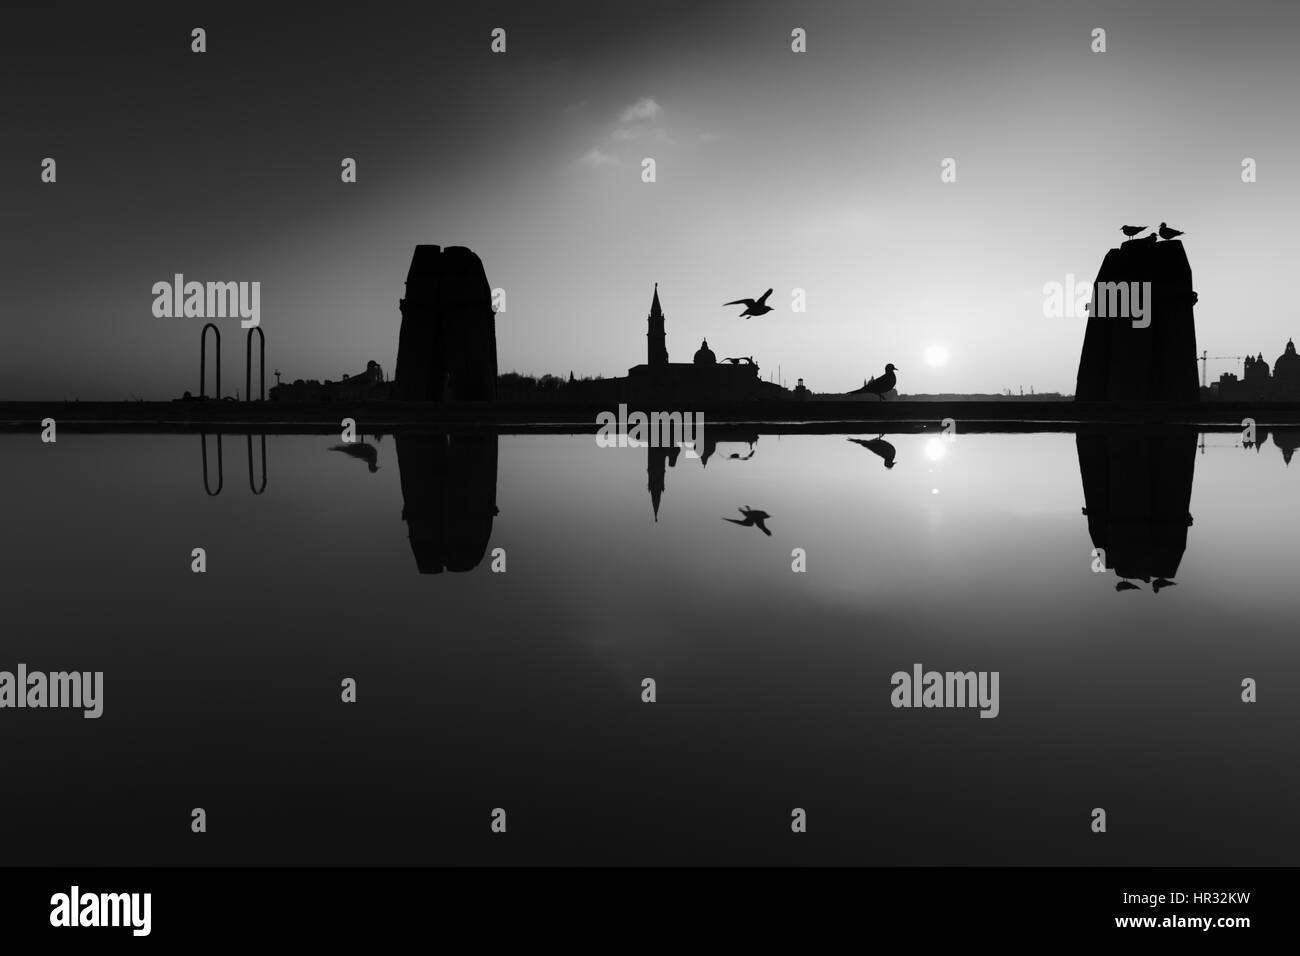 Aqua alta, flooded Riva degli Schiavoni viewing the Isola di San Giórgio Maggiore, Venice, Italy - digitally - Stock Image